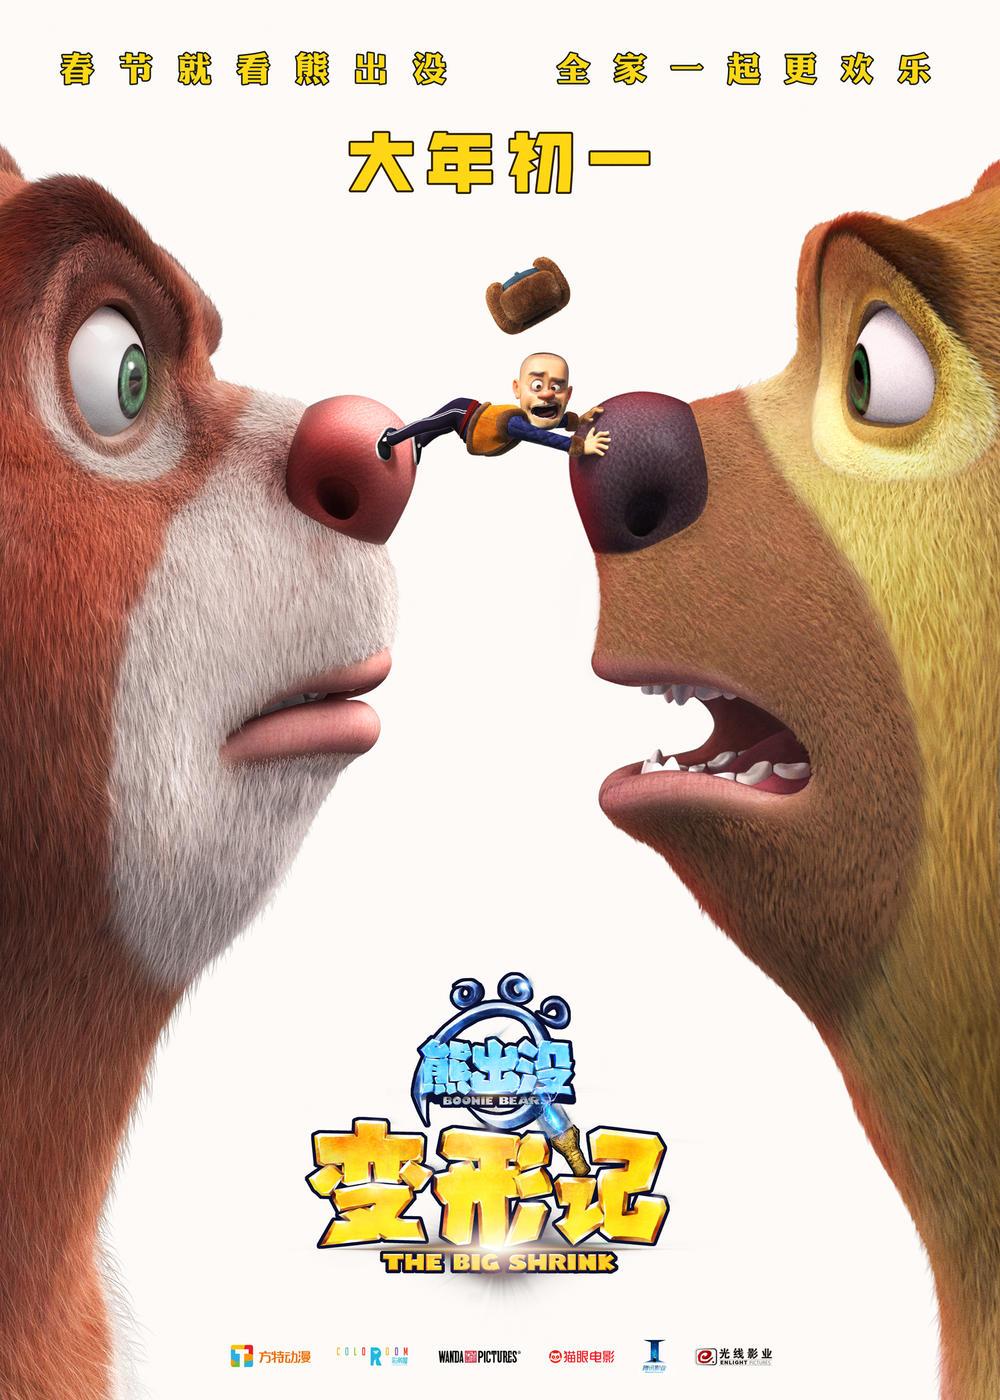 Meškinai - kaimynai 5 (2018) / Boonie Bears 5